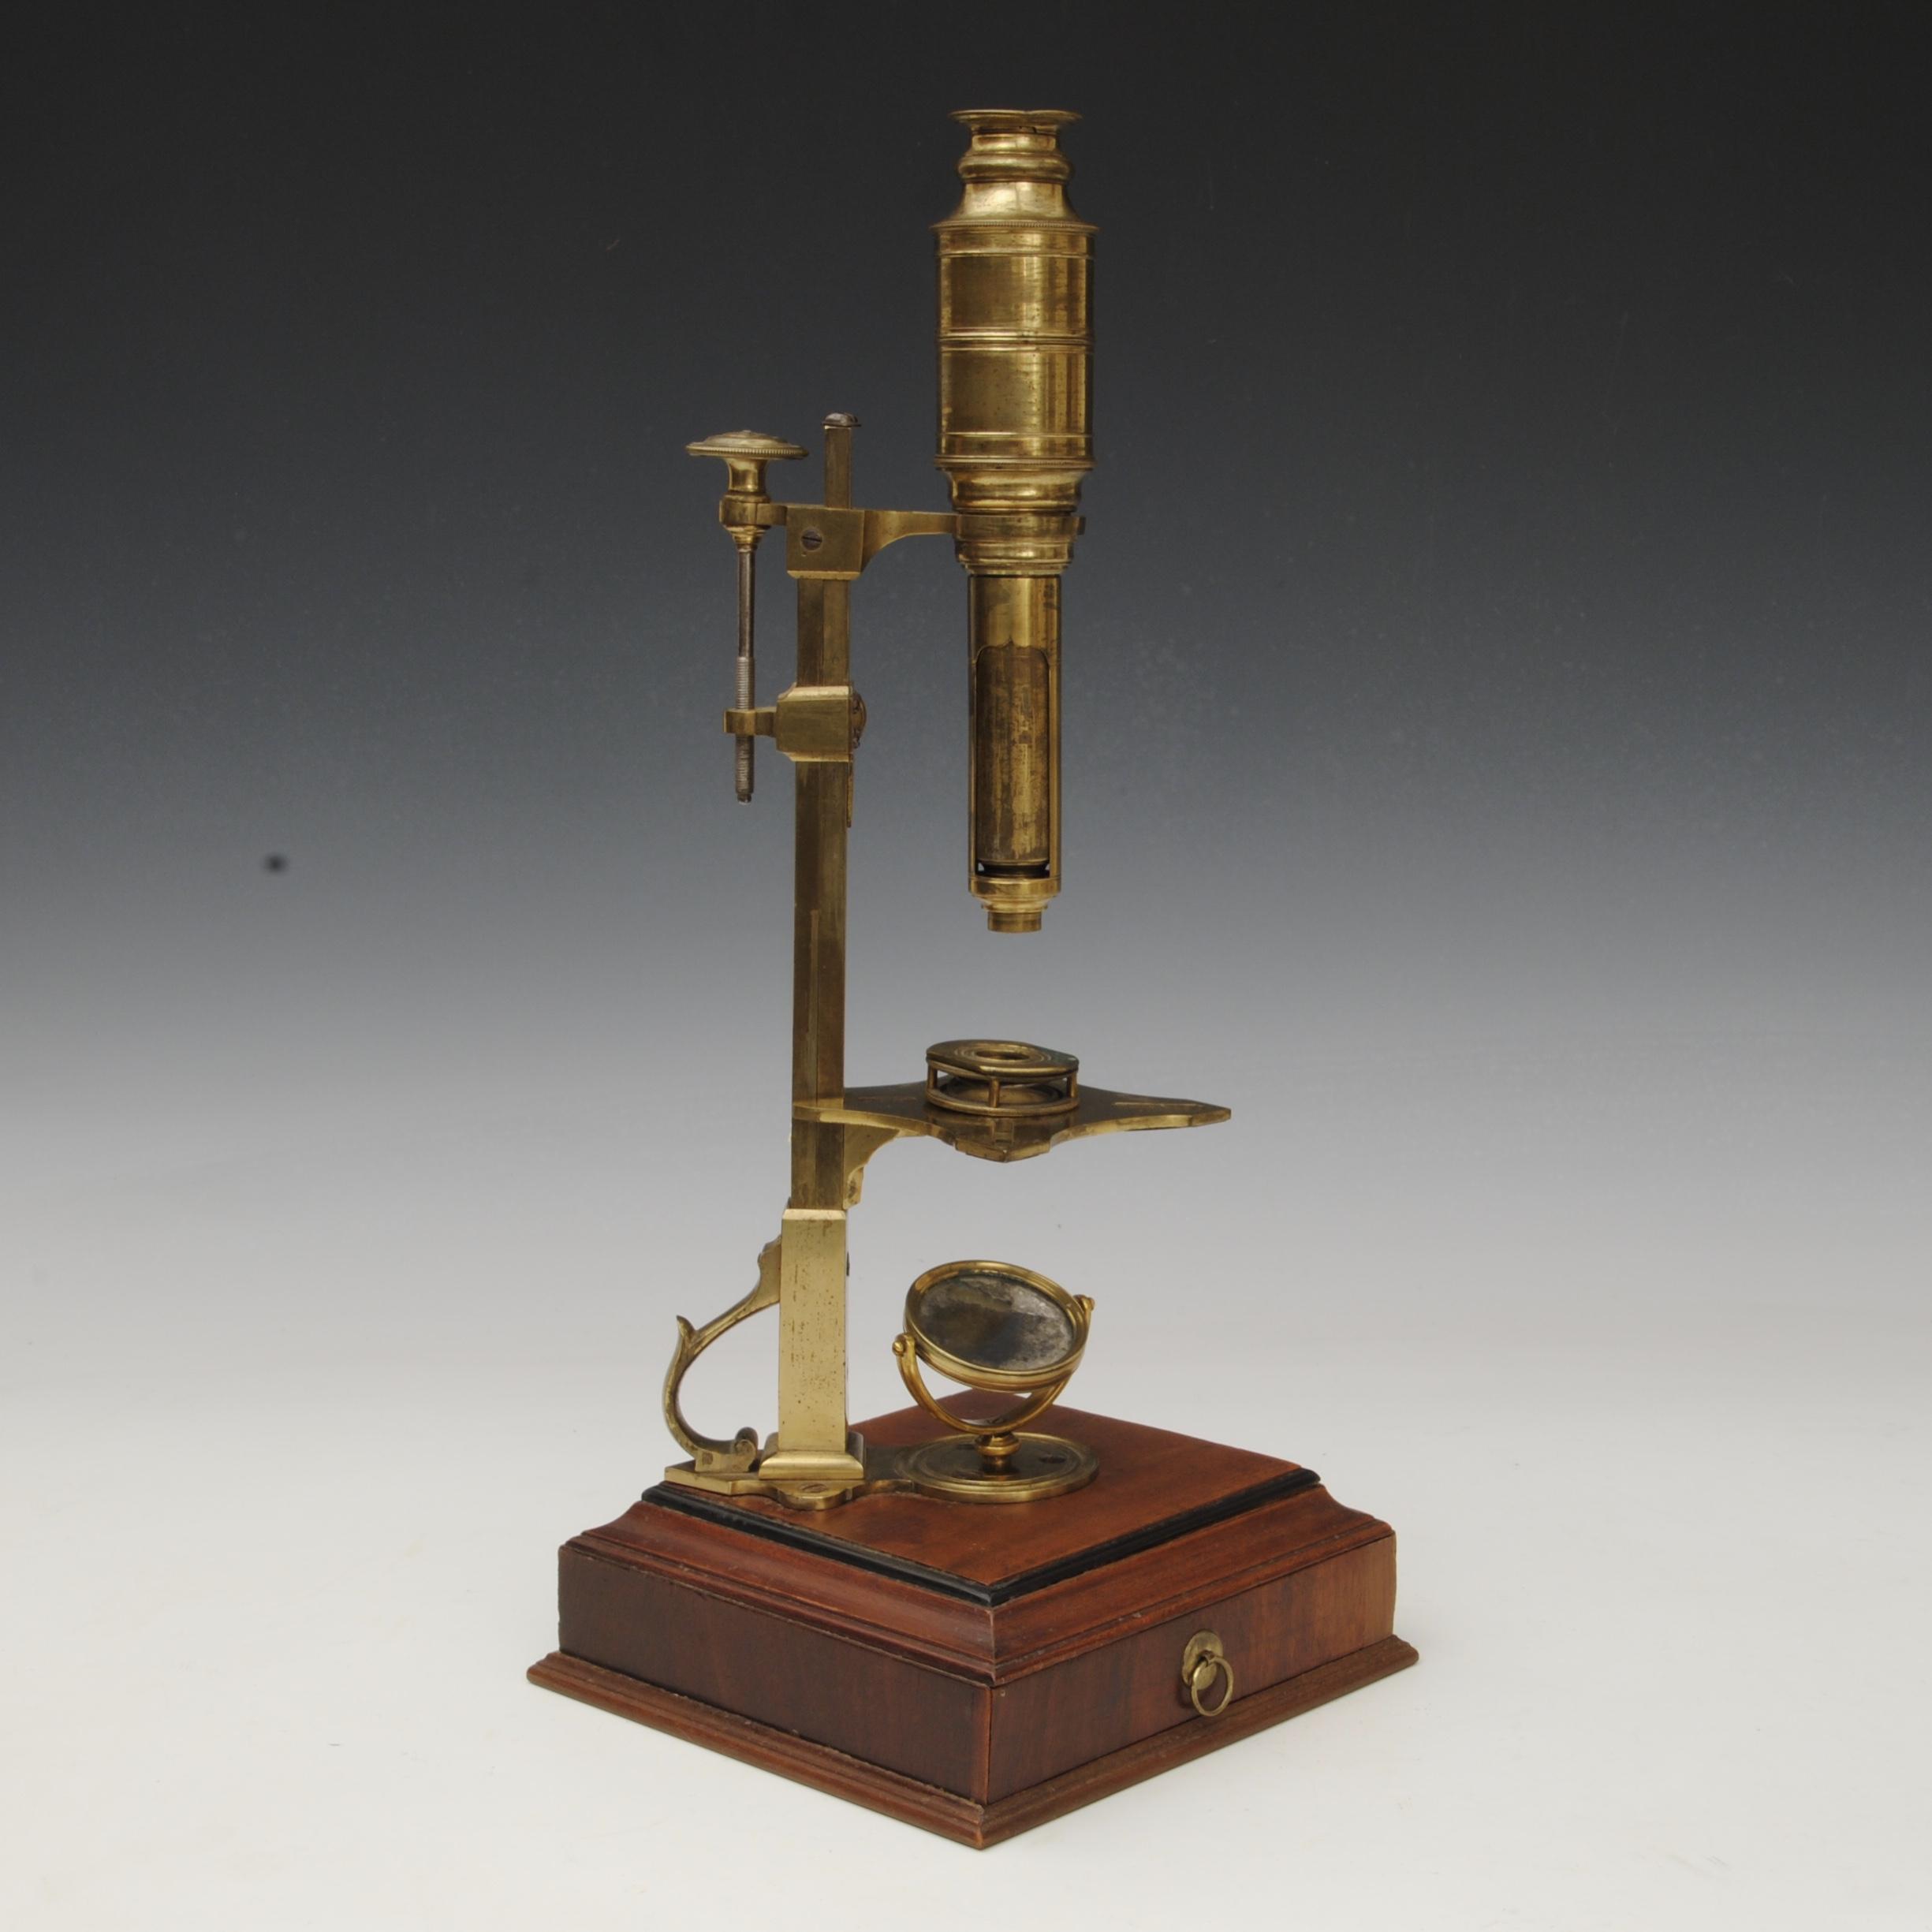 George Sterrop Cuff type microscope in original mahogany case